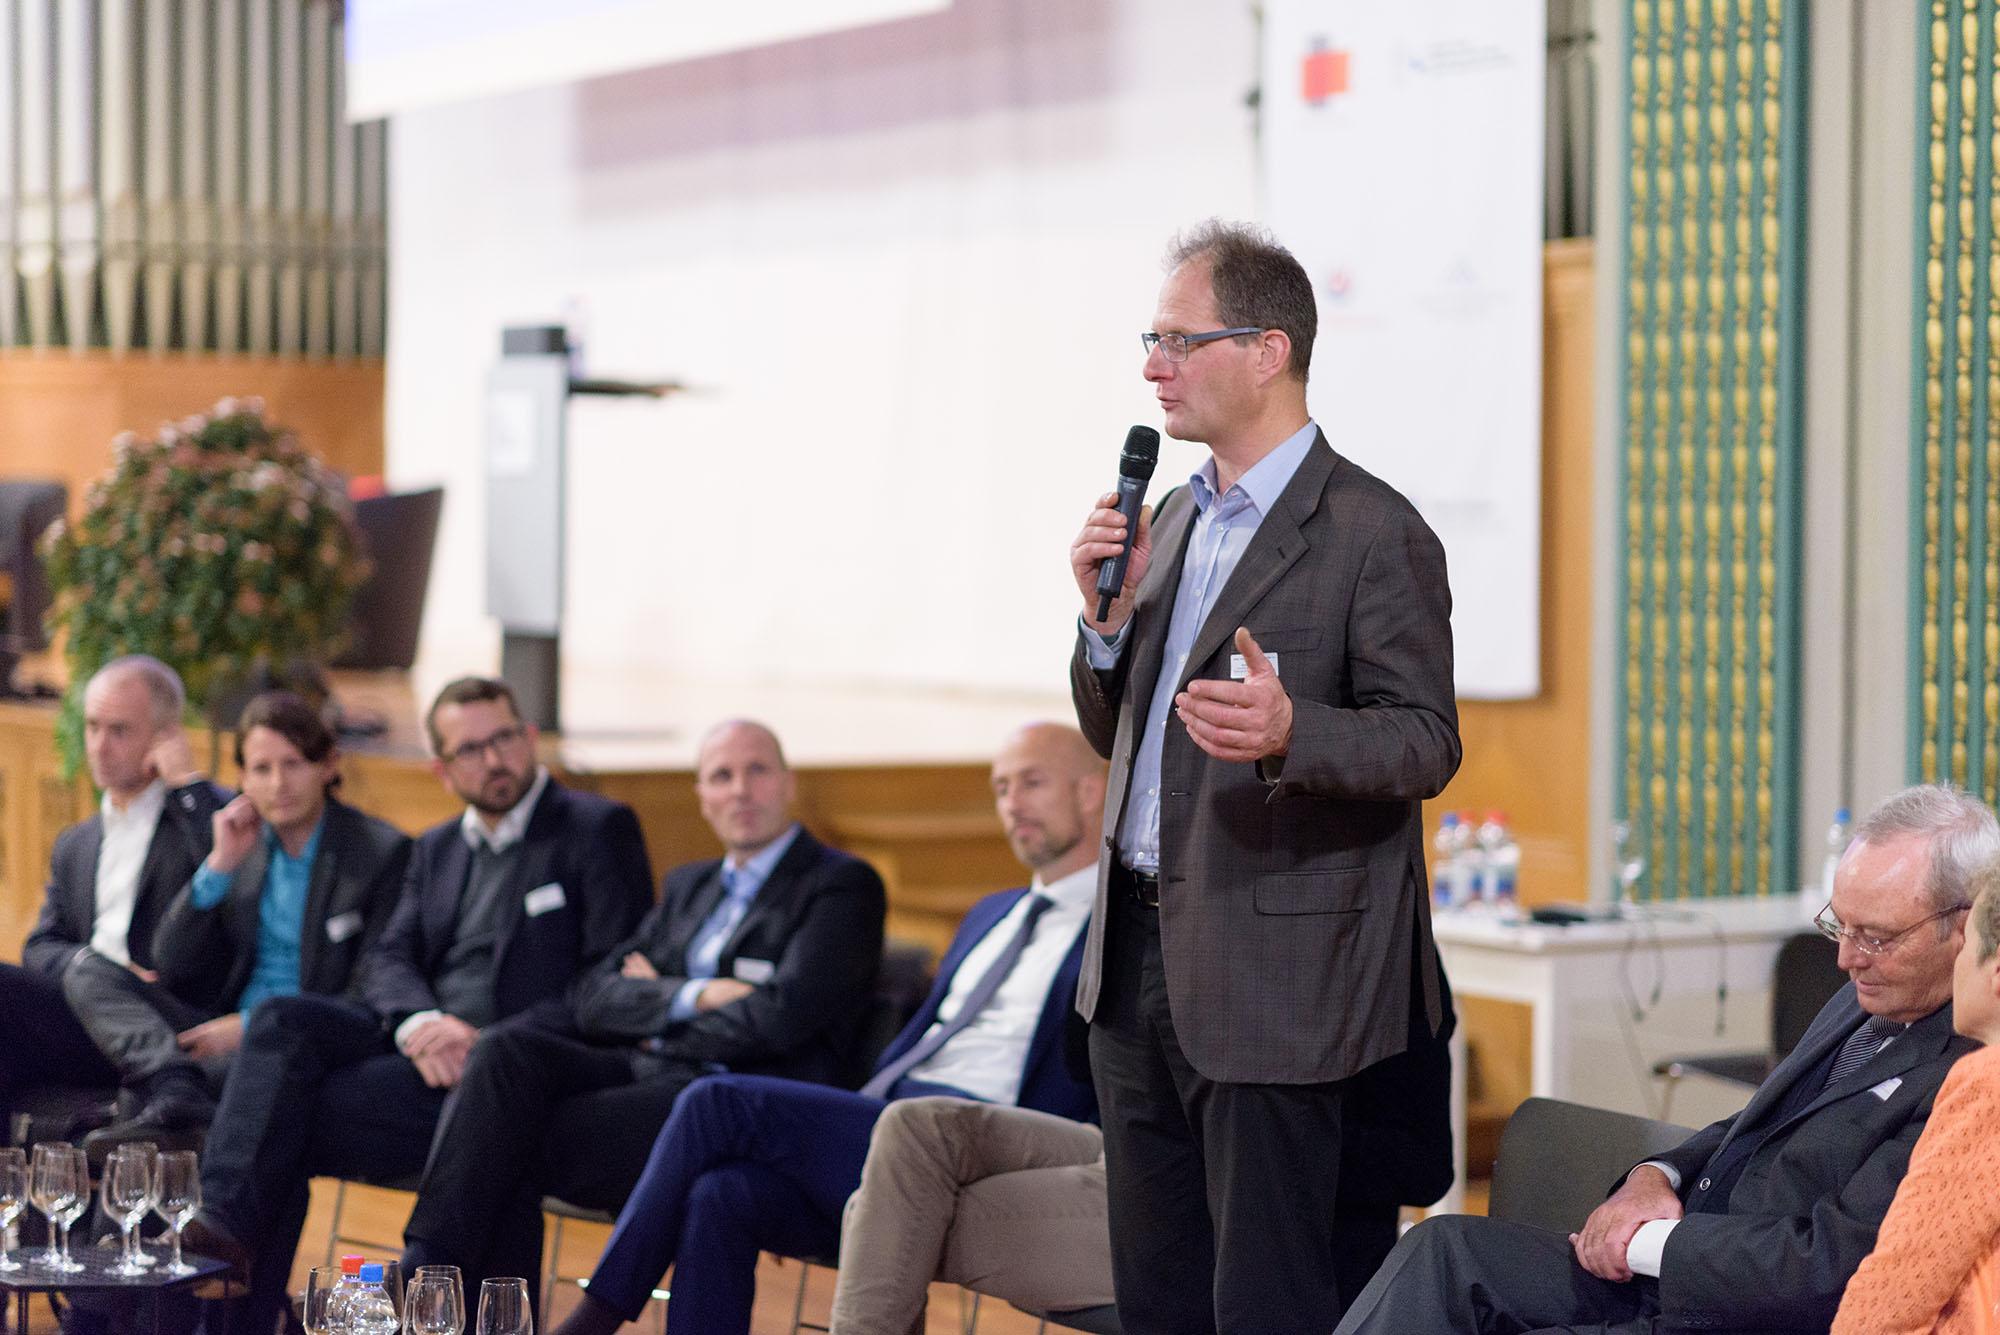 Andreas Dreisiebner, Geschäftsführer & Inhaber, A777 Gartengestaltung; GL-Mitglied Solarspargenossenschaft